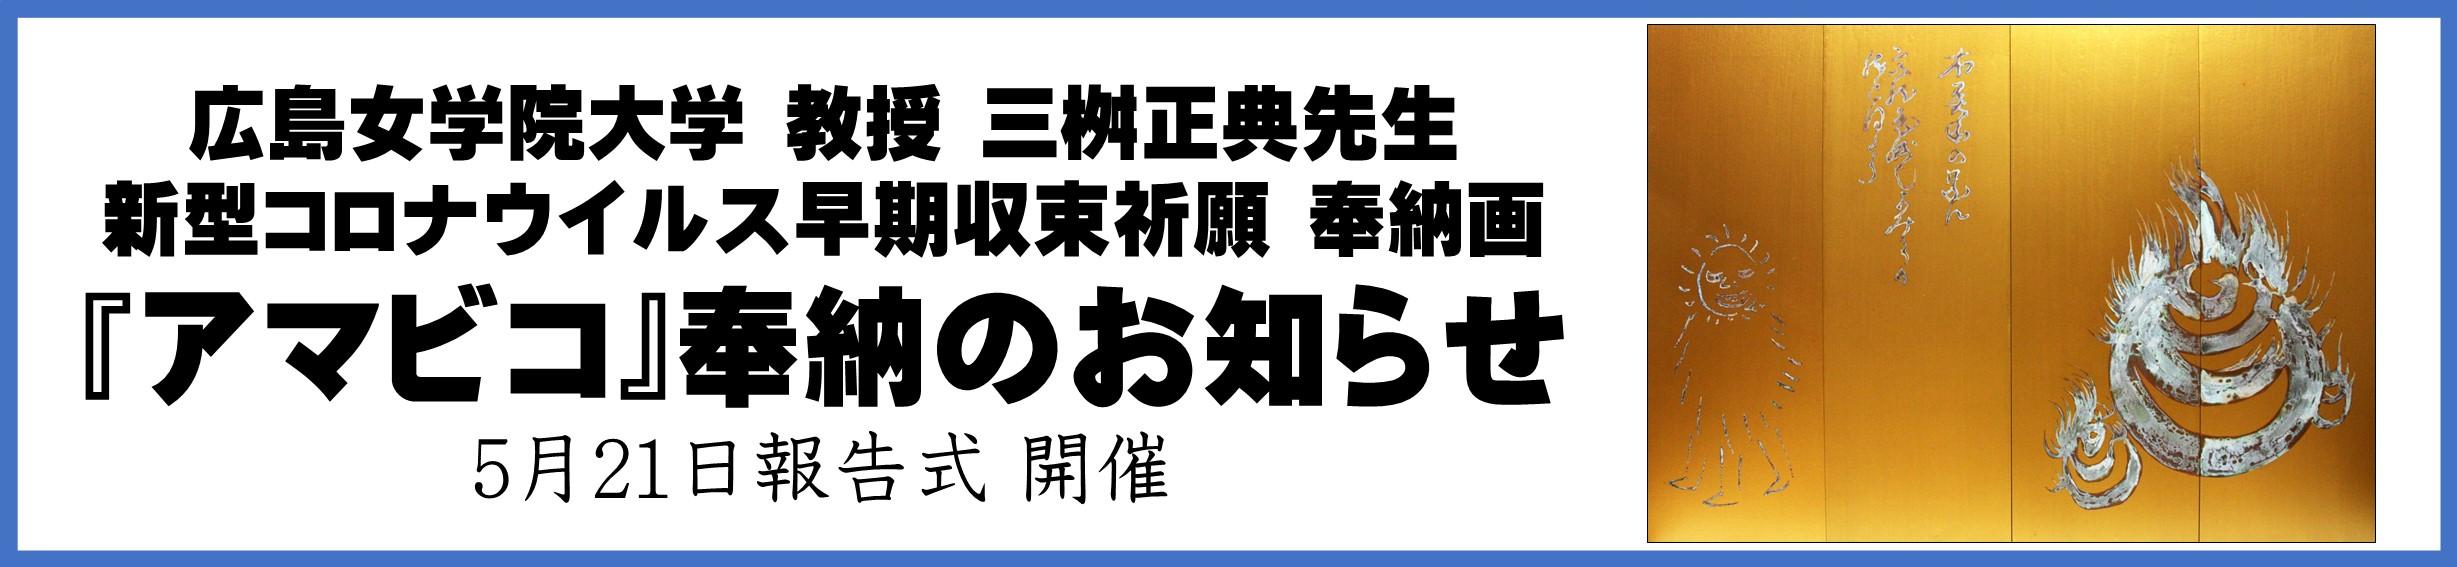 コロナ 速報 広島